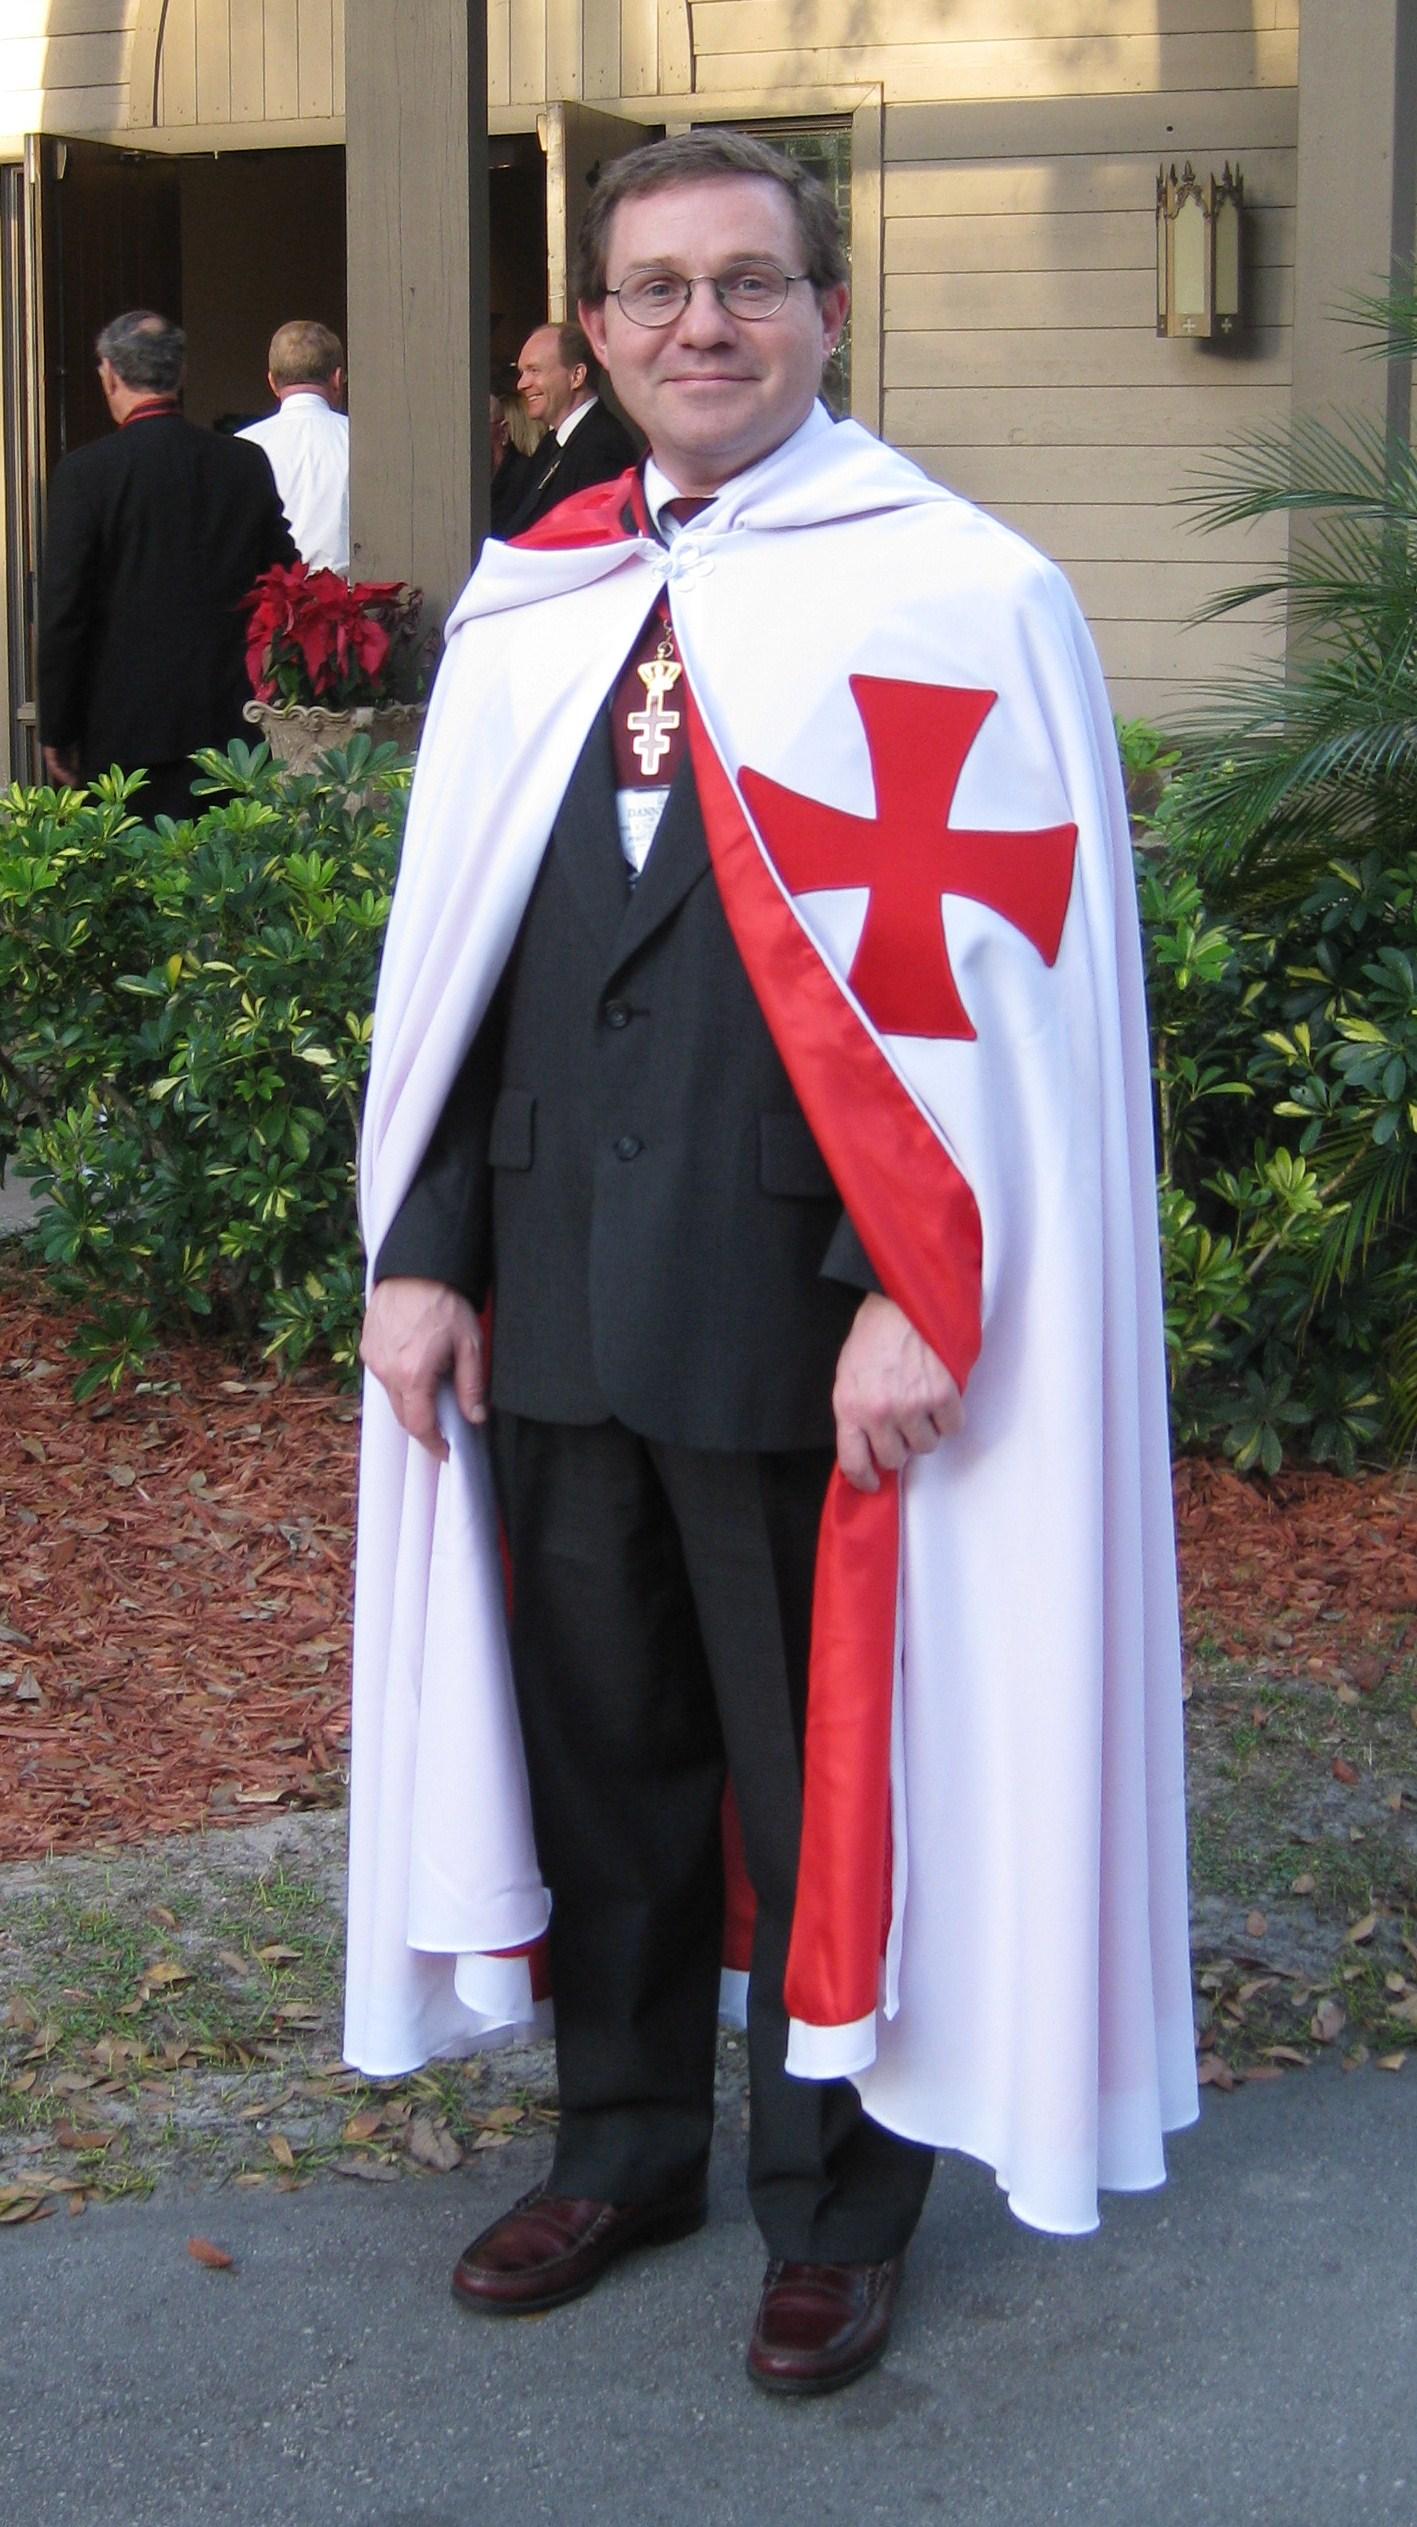 Knights Templar Freemasonry Wikiwand